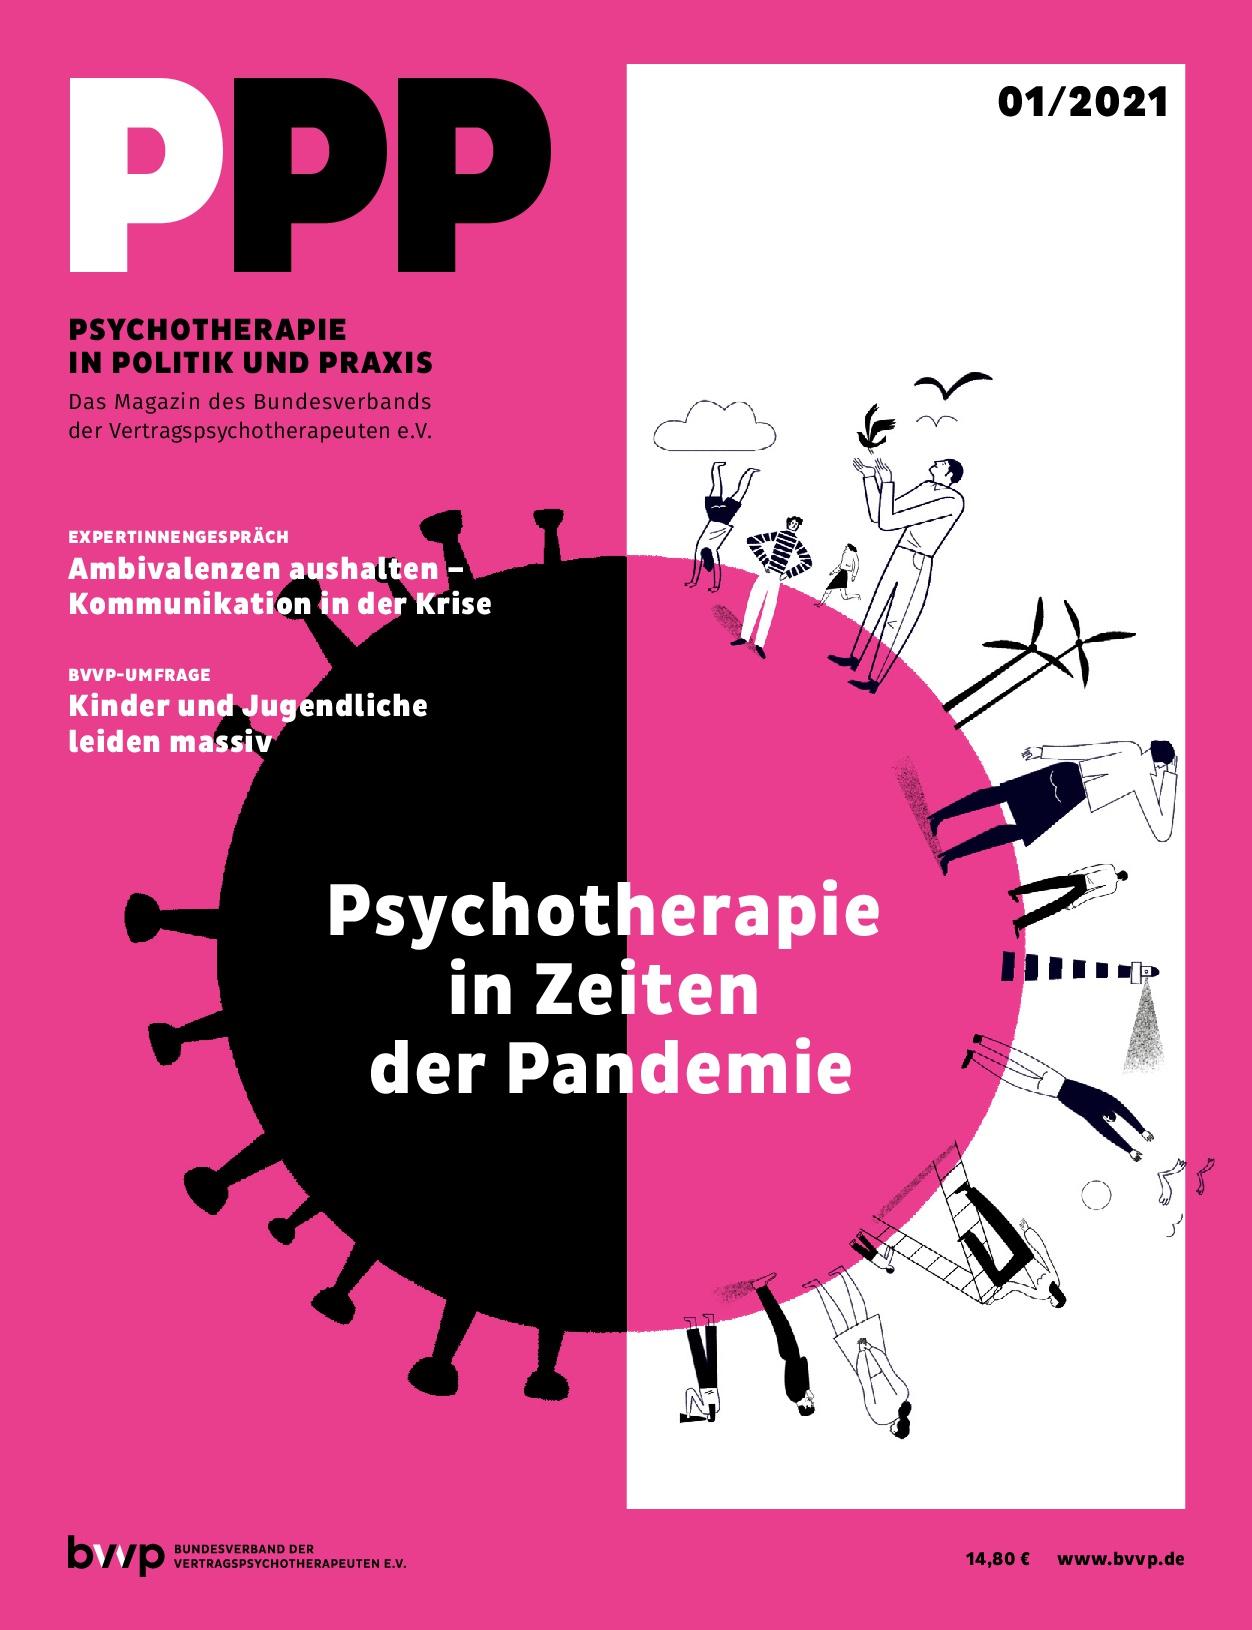 Psychotherapie in Politik und Praxis 01/2021